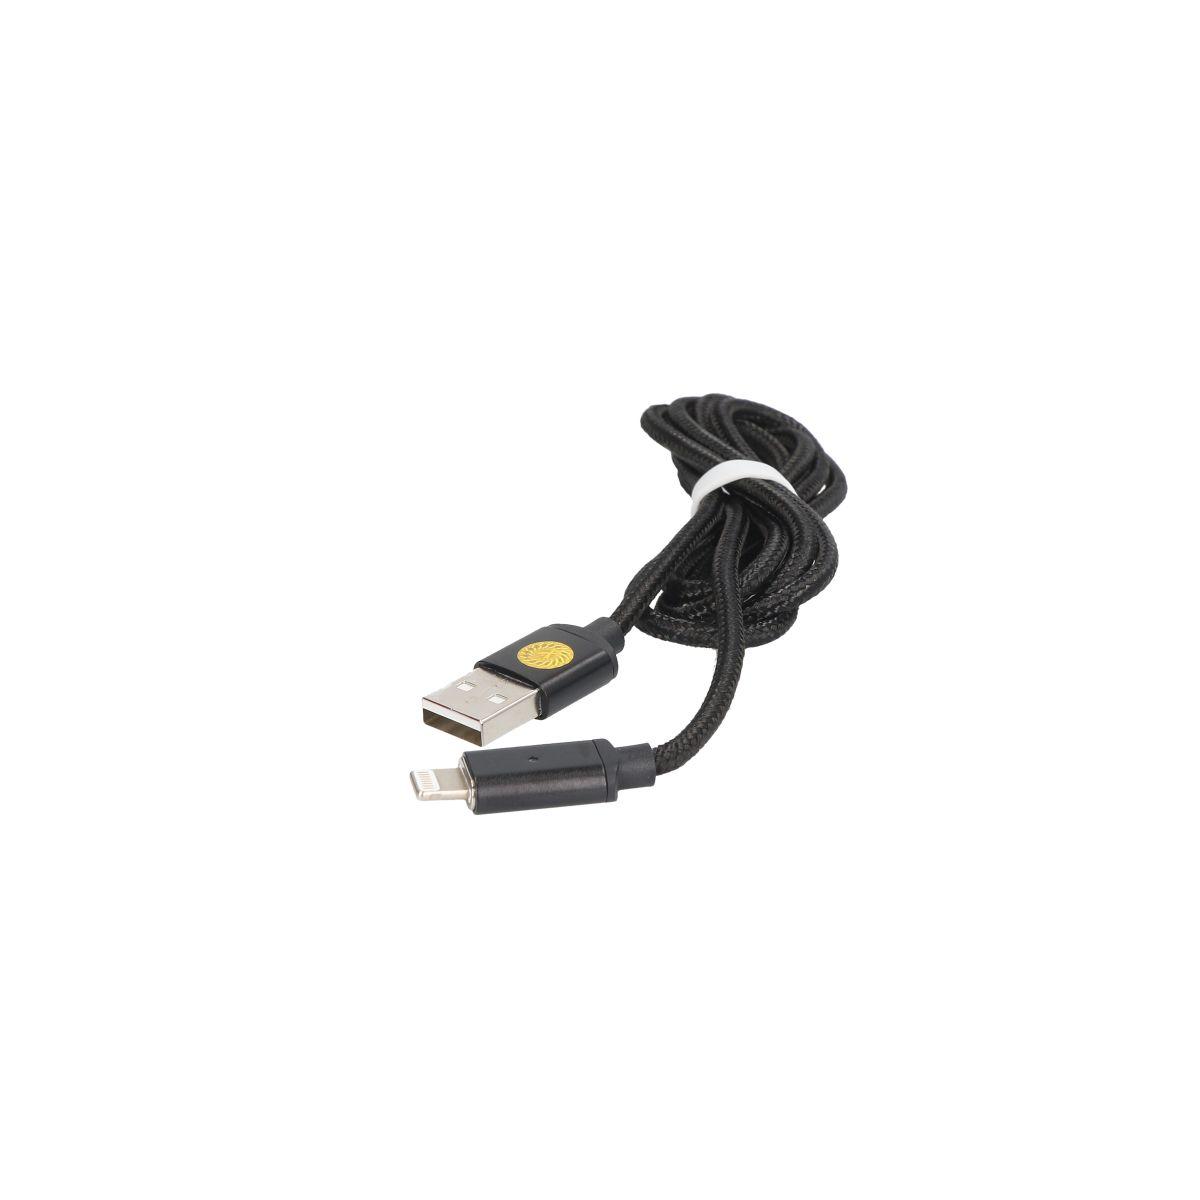 EXTREME-STYLE Opletený USB kabel s magnetickým Apple Lightning konektorem, 120 cm